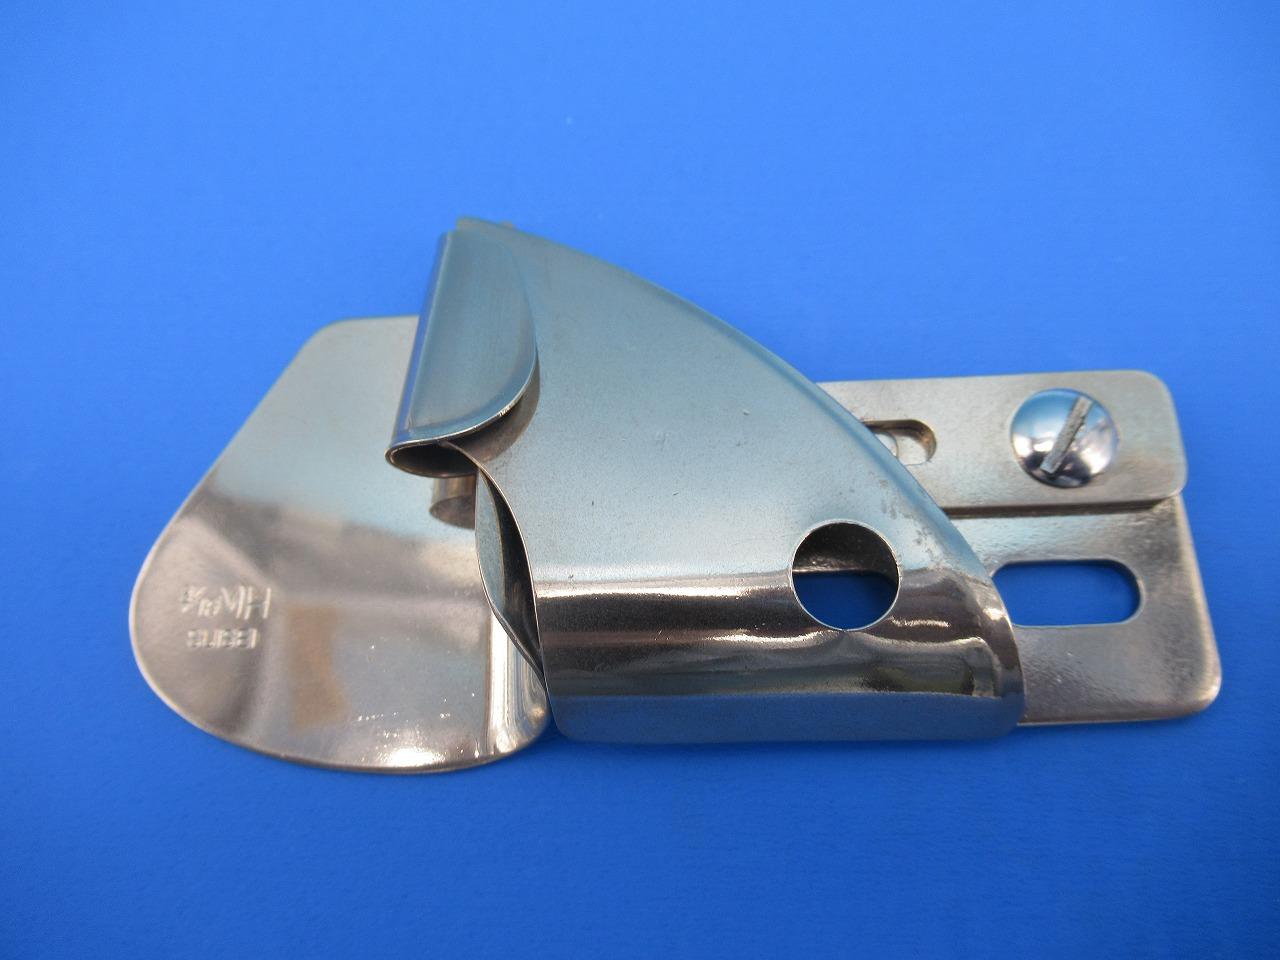 日本製スイセイ A34仕上がり幅4.8mm 生地厚 中厚地 147 メーカー公式 2 3本針2重環縫いミシン用 現品 253型